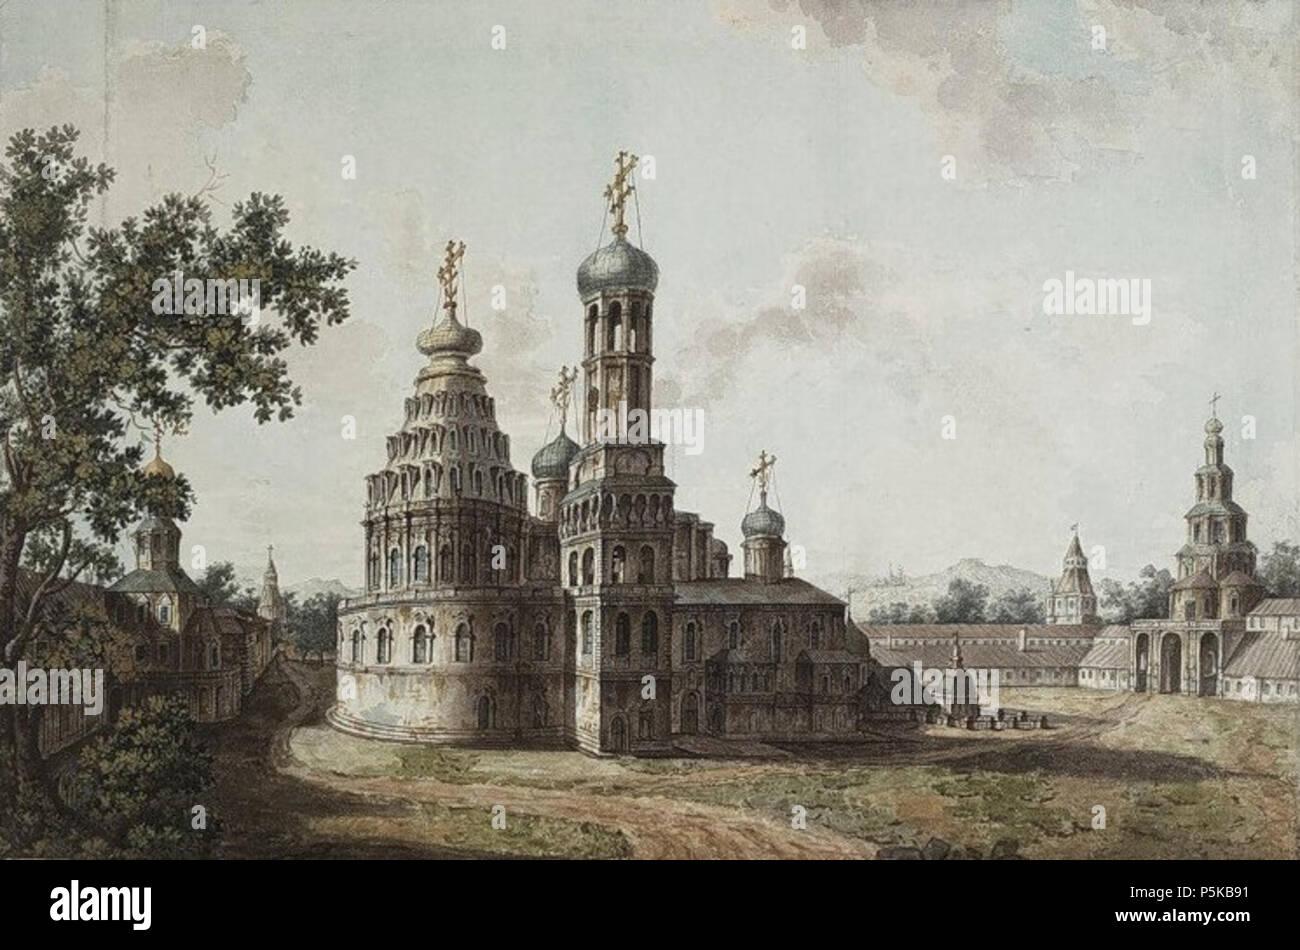 N/A  Artist : English: en: Fedor Alekseev Title : - English